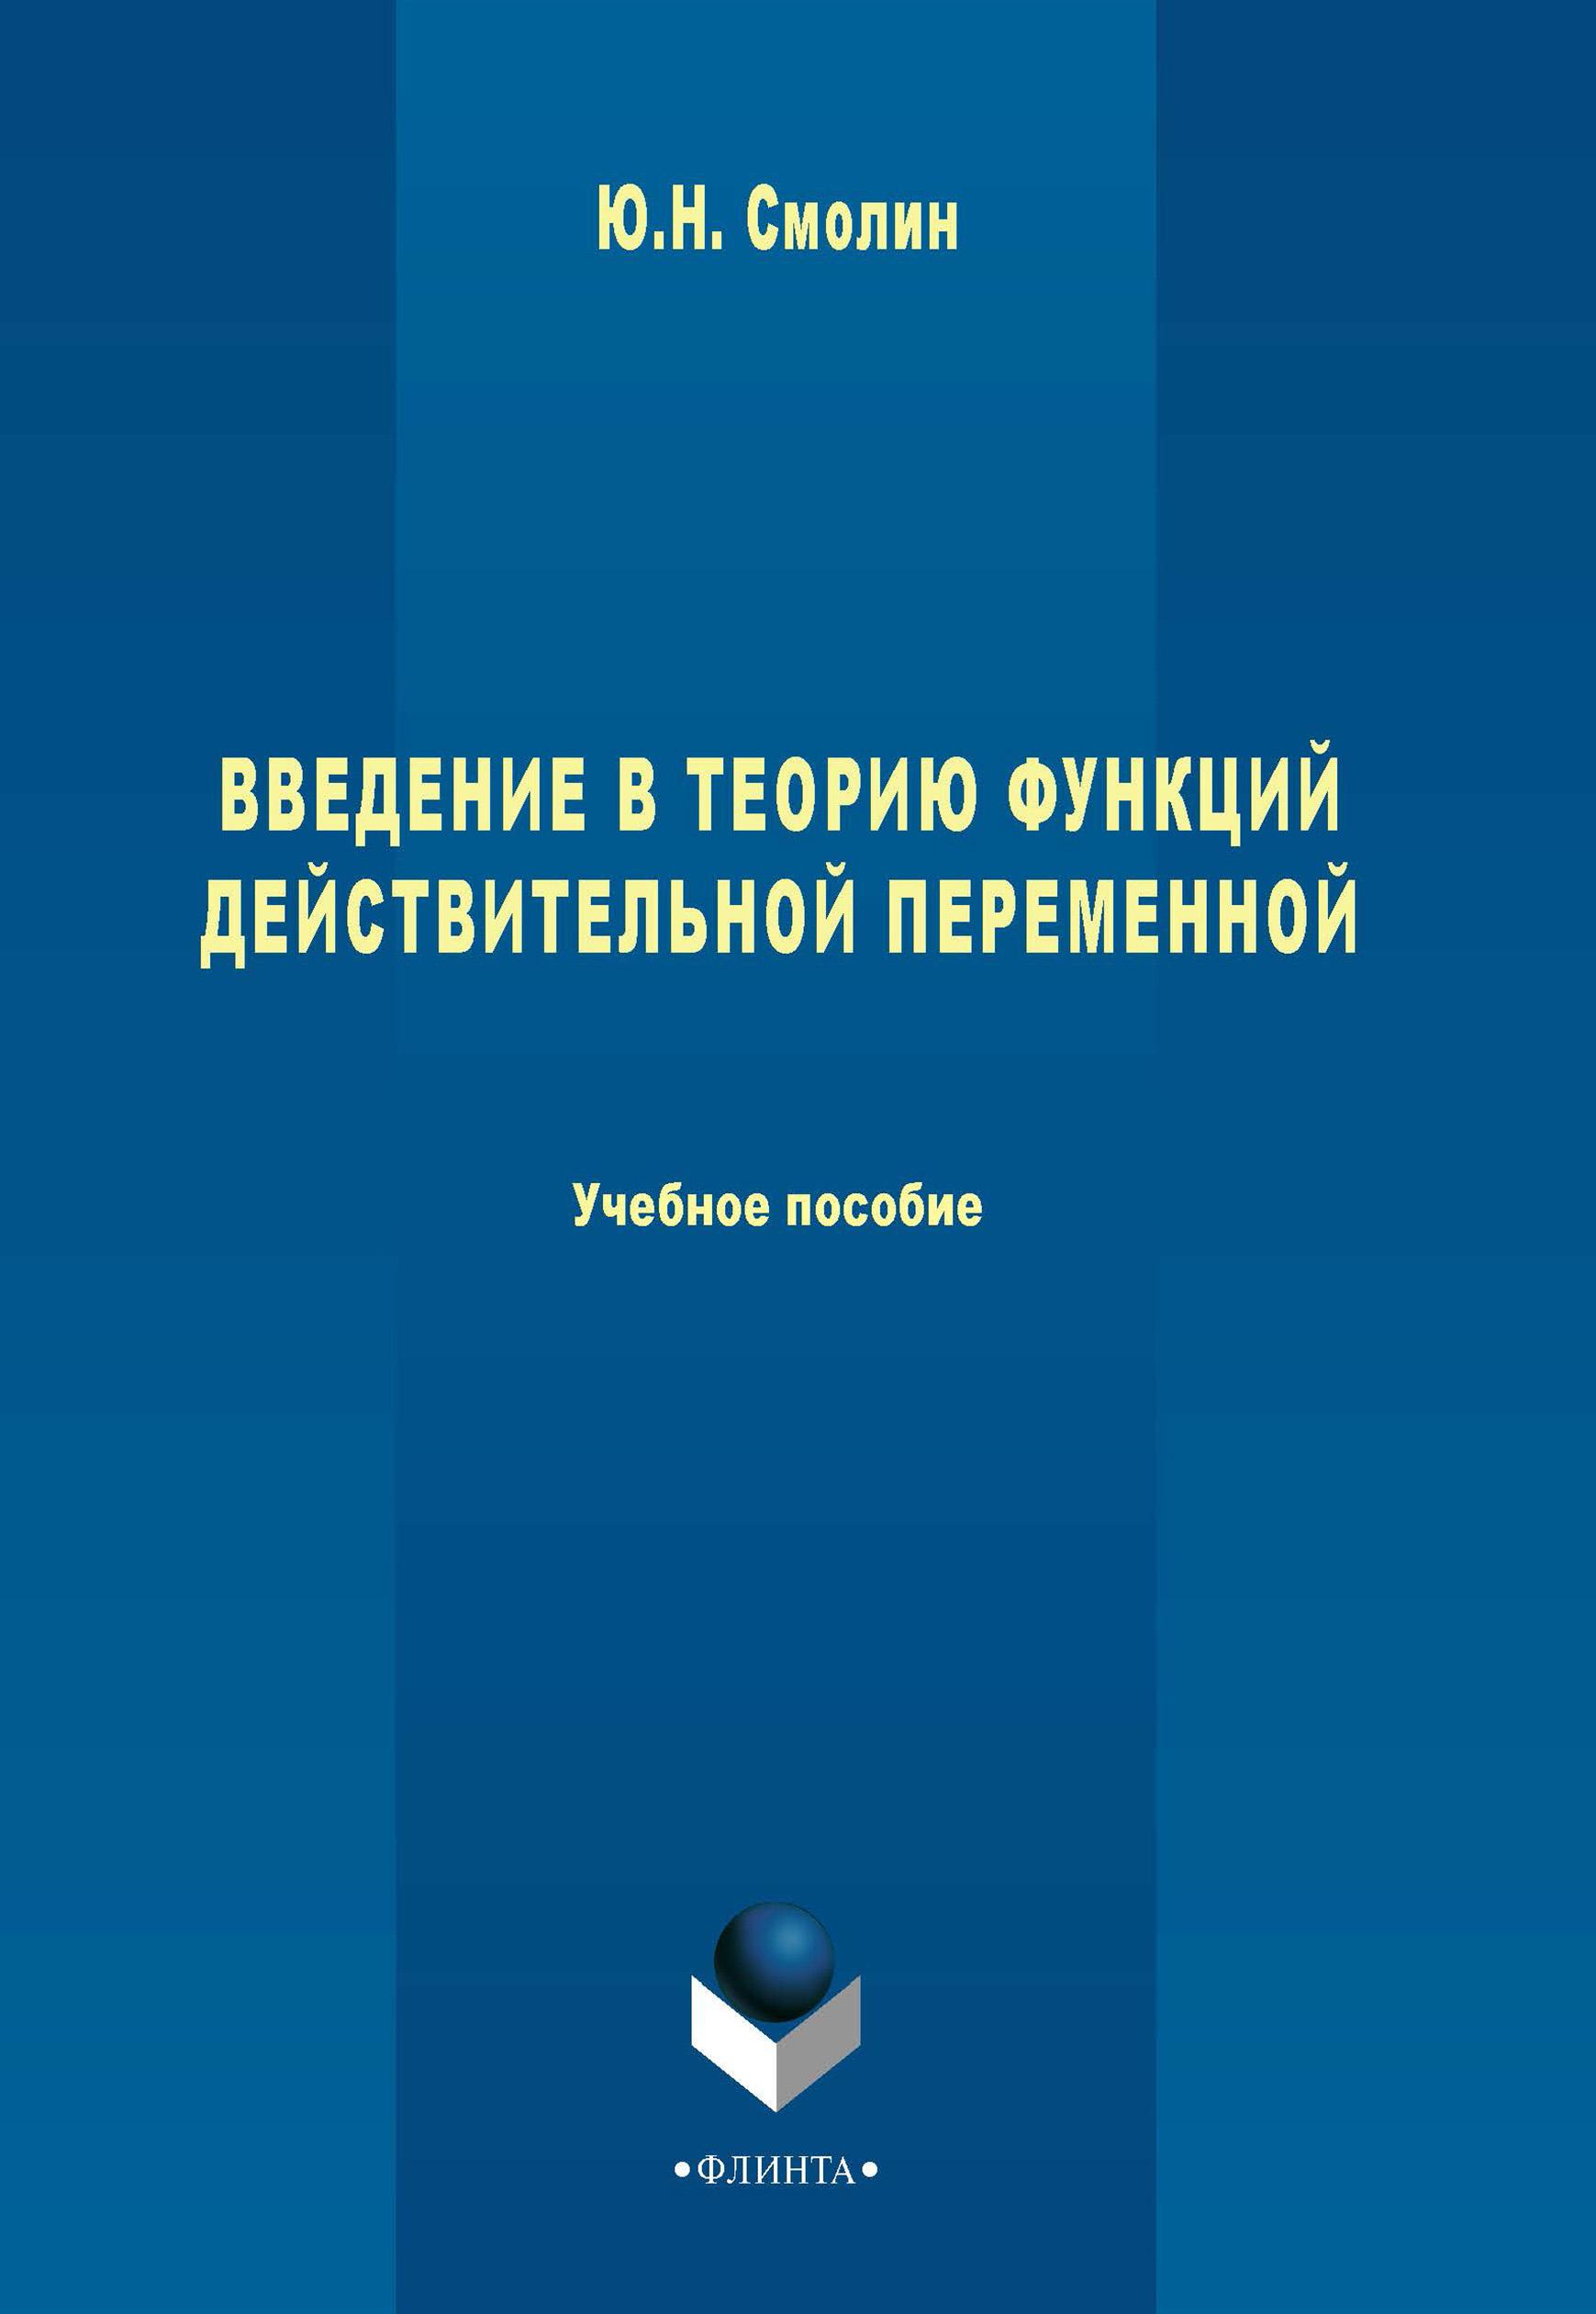 Ю. Н. Смолин Введение в теорию функций действительной переменной. Учебное пособие ю н смолин числовые системы учебное пособие isbn 978 5 9765 0794 4